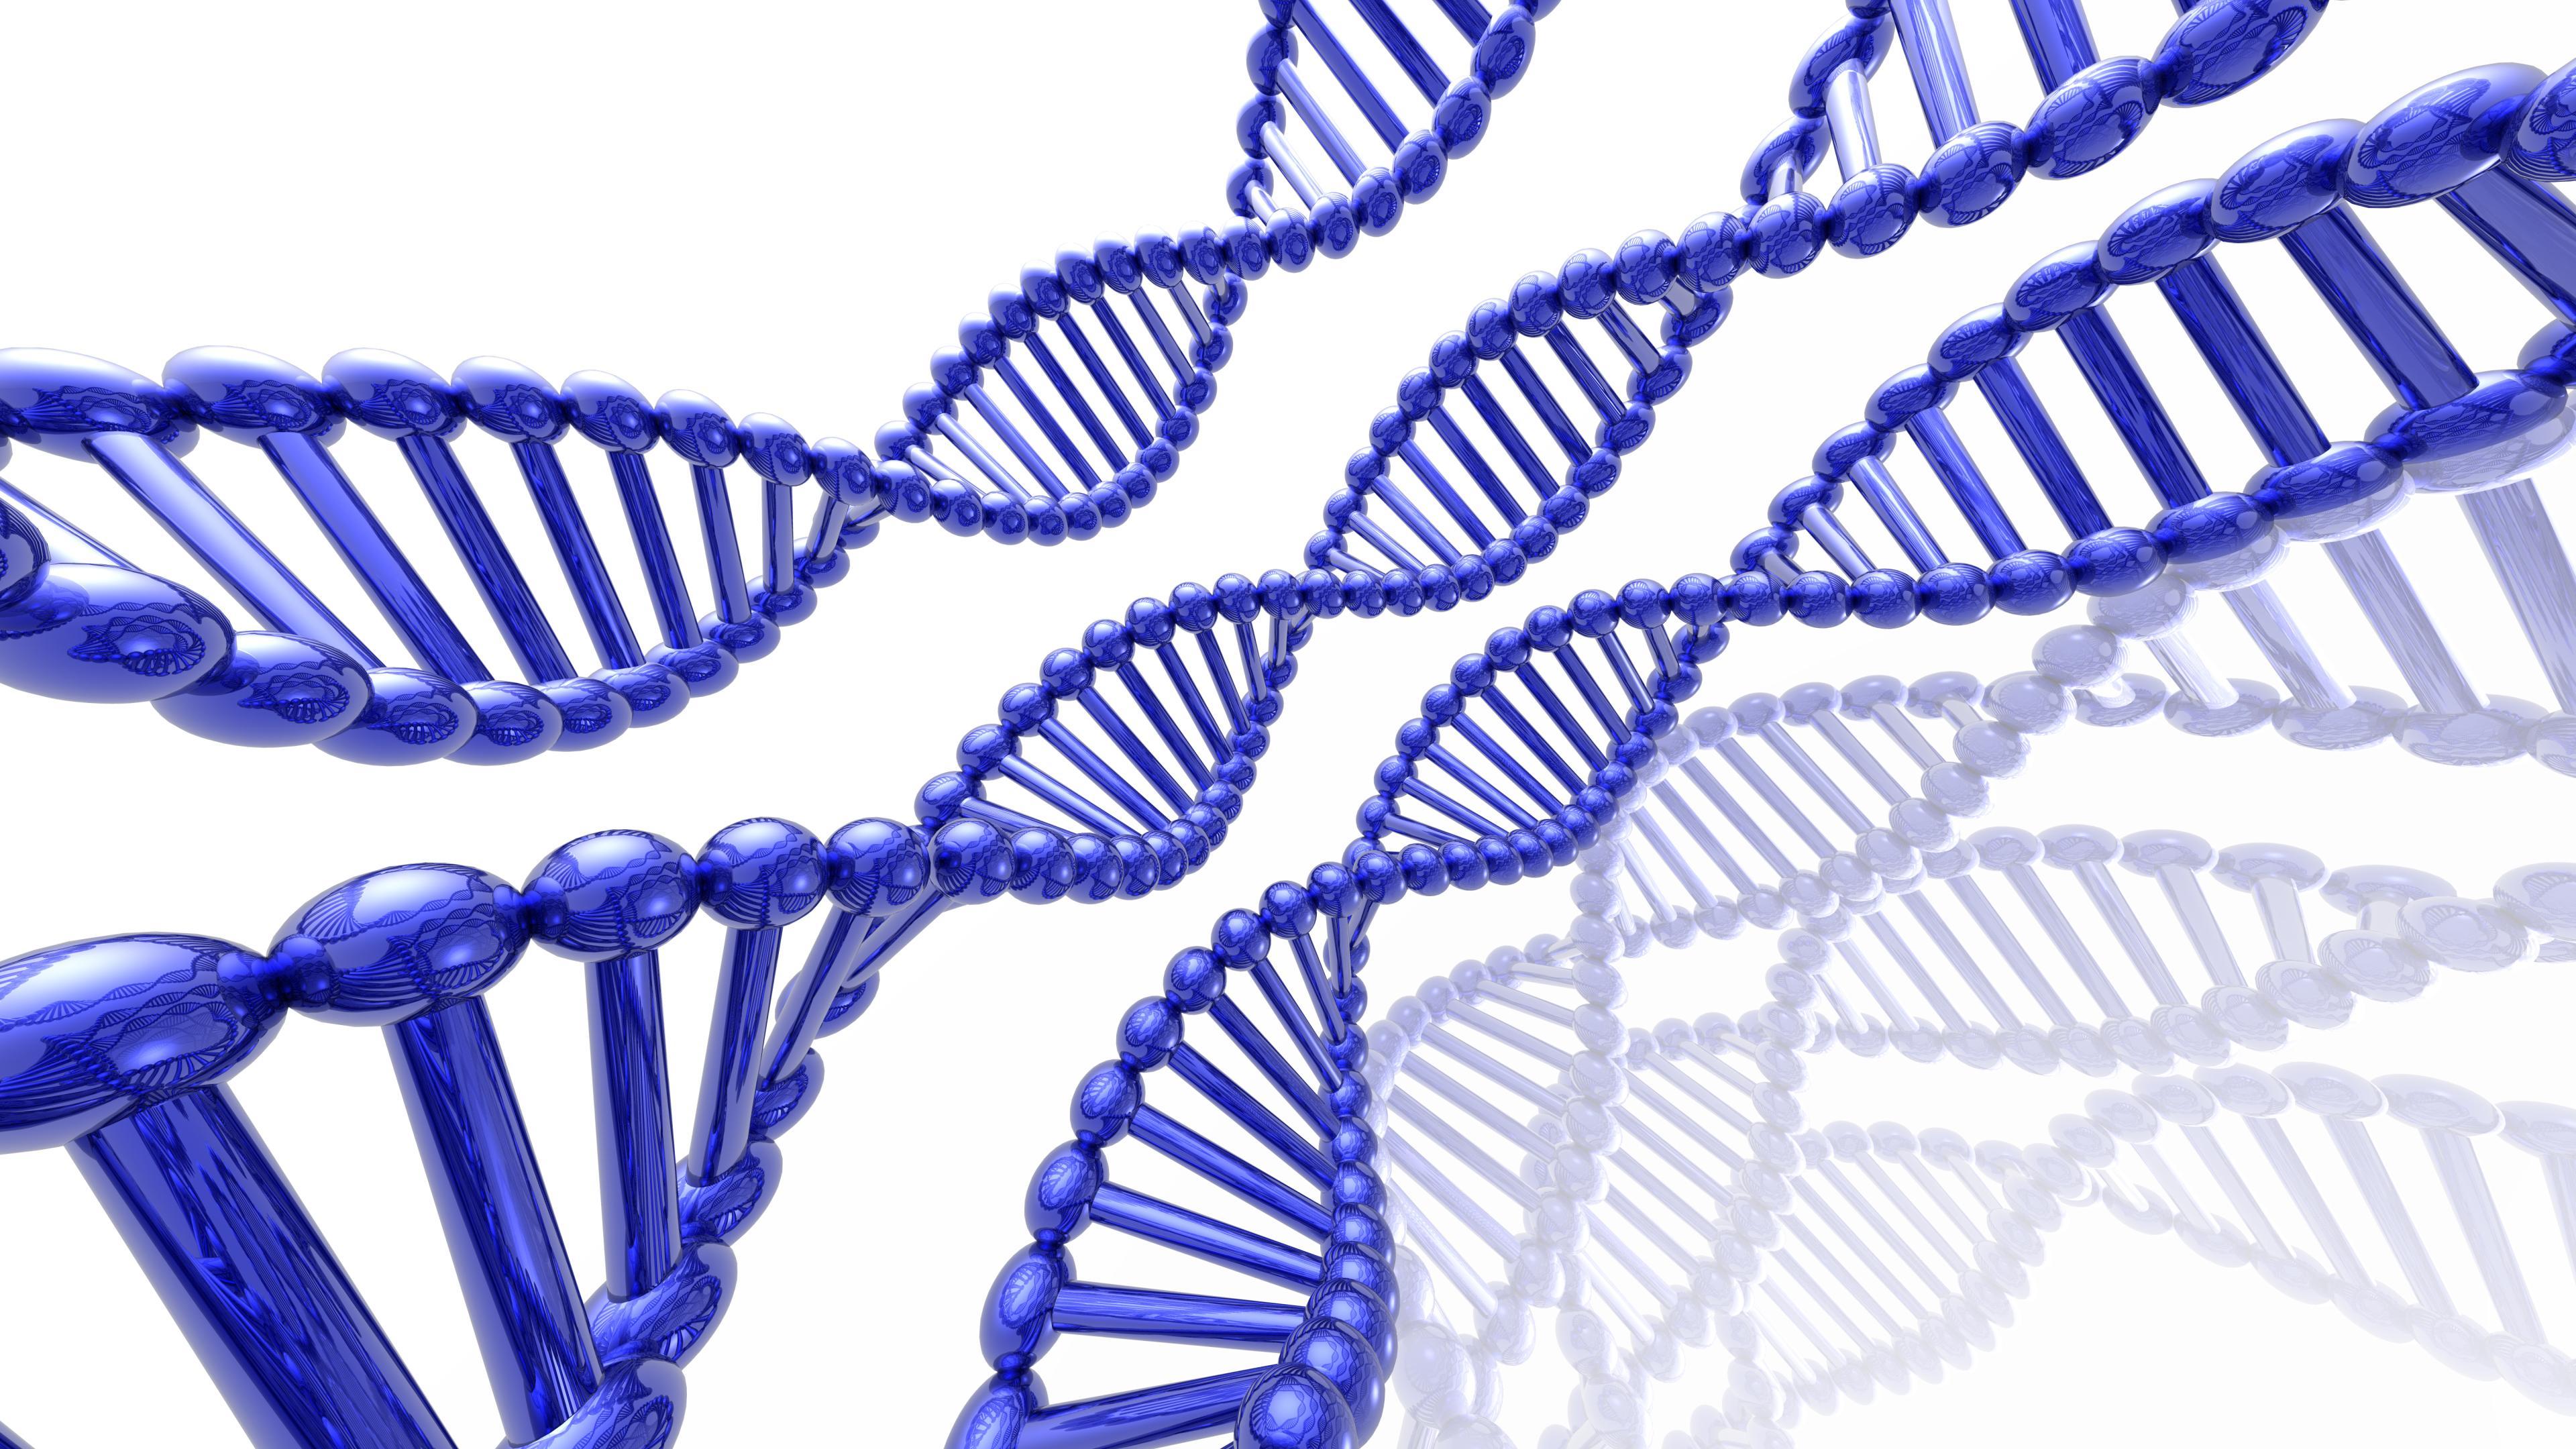 Когнитивные способности всё-таки «зашиты» в генах?